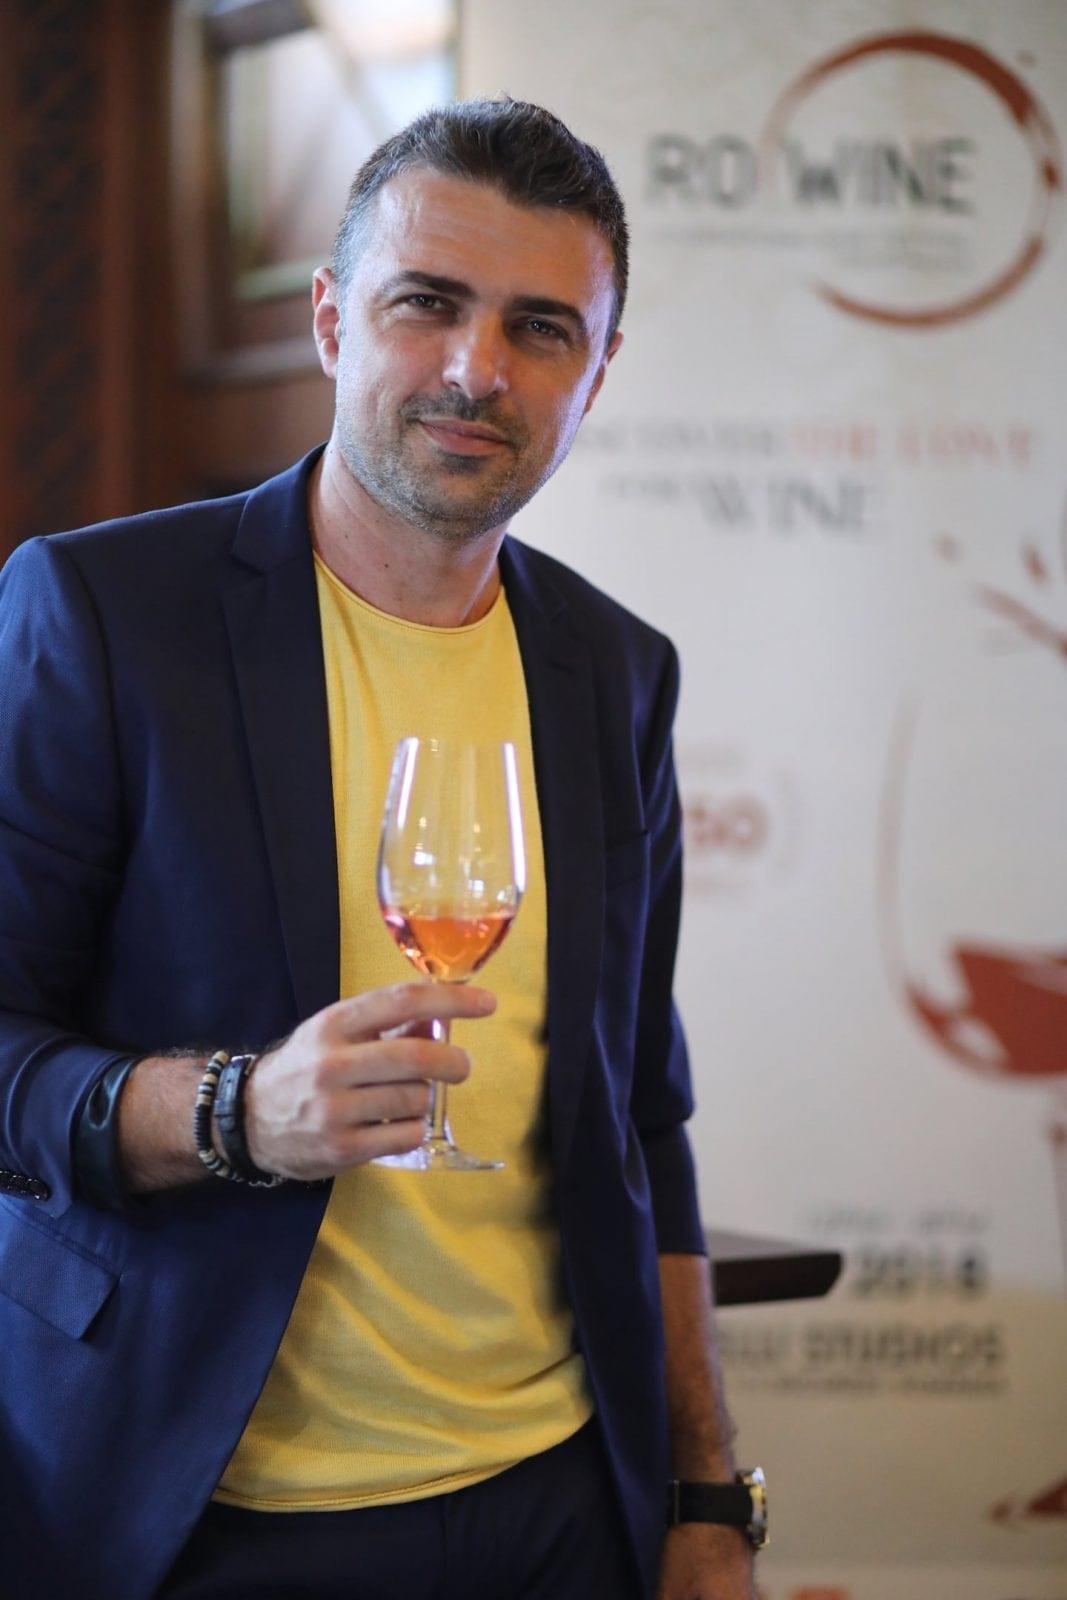 2 Cornel Ilie ambasador RO Wine - Descoperă arta vinului, la RO-Wine, alături de Cornel Ilie și Virgil Ianțu!  Workshopuri, o bursă RO-Wine, dar și o secțiune VIP, printre noutățile ediției din 19 și 20 mai 2018!